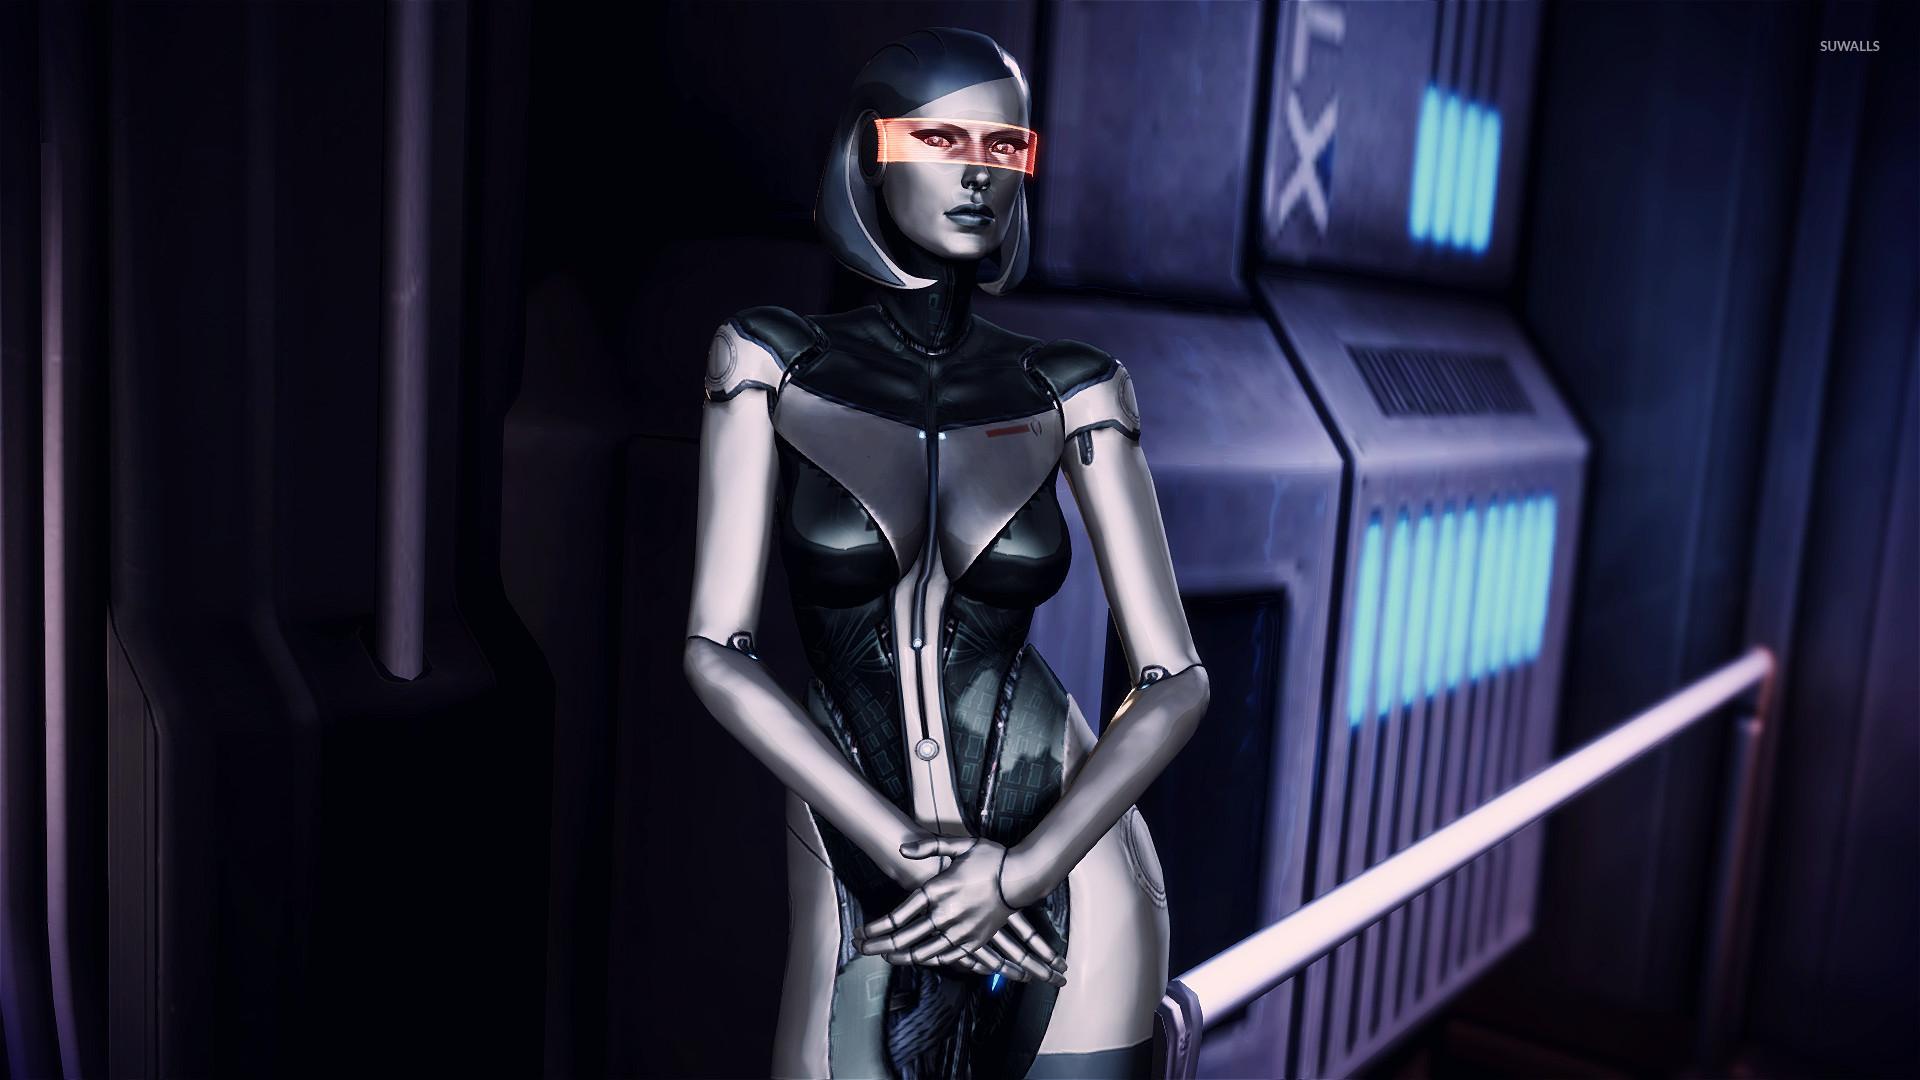 EDI - Mass Effect 3 wallpaper - Game wallpapers - #26610